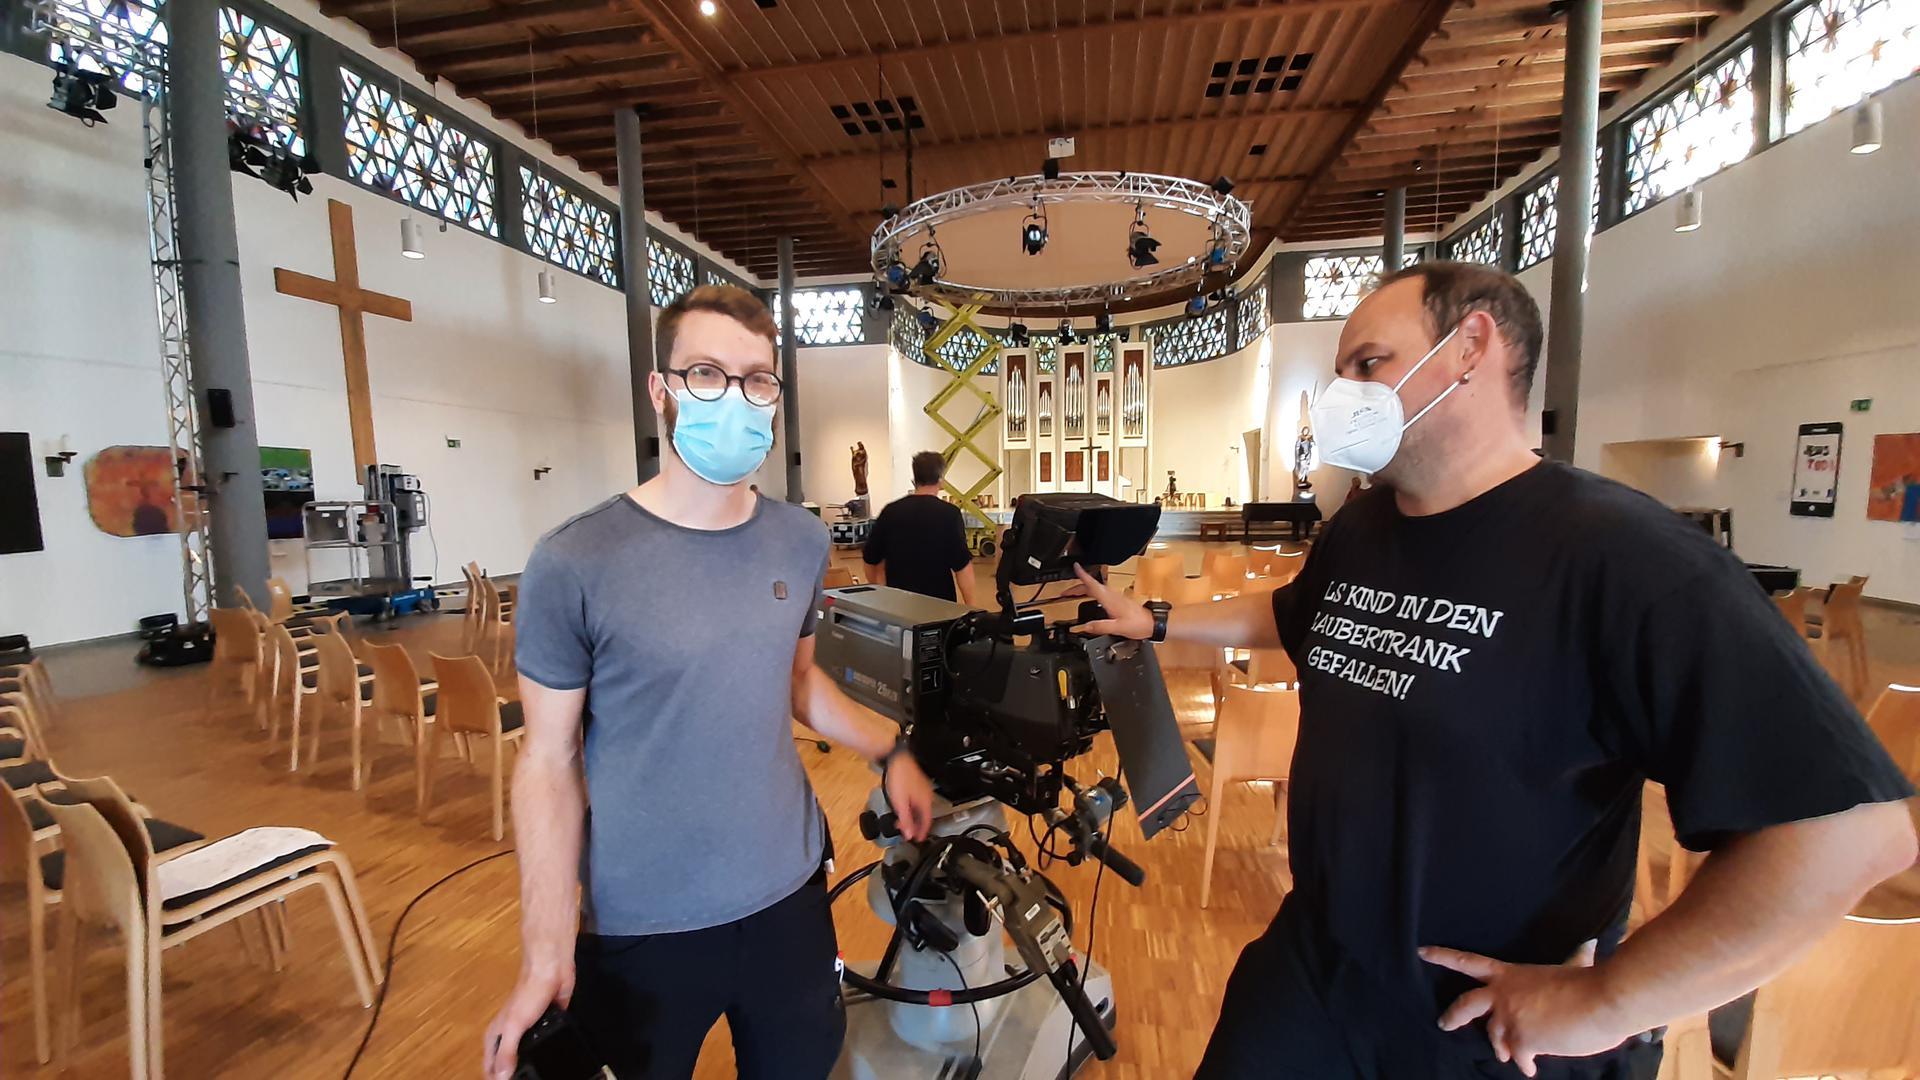 ZDF-Übertragungstechnik kennenzulernen war für die Jugendlichen eigene Motivation, mitzuhelfen - David Falk (links)  im Gespräch mit einem Kameramann.